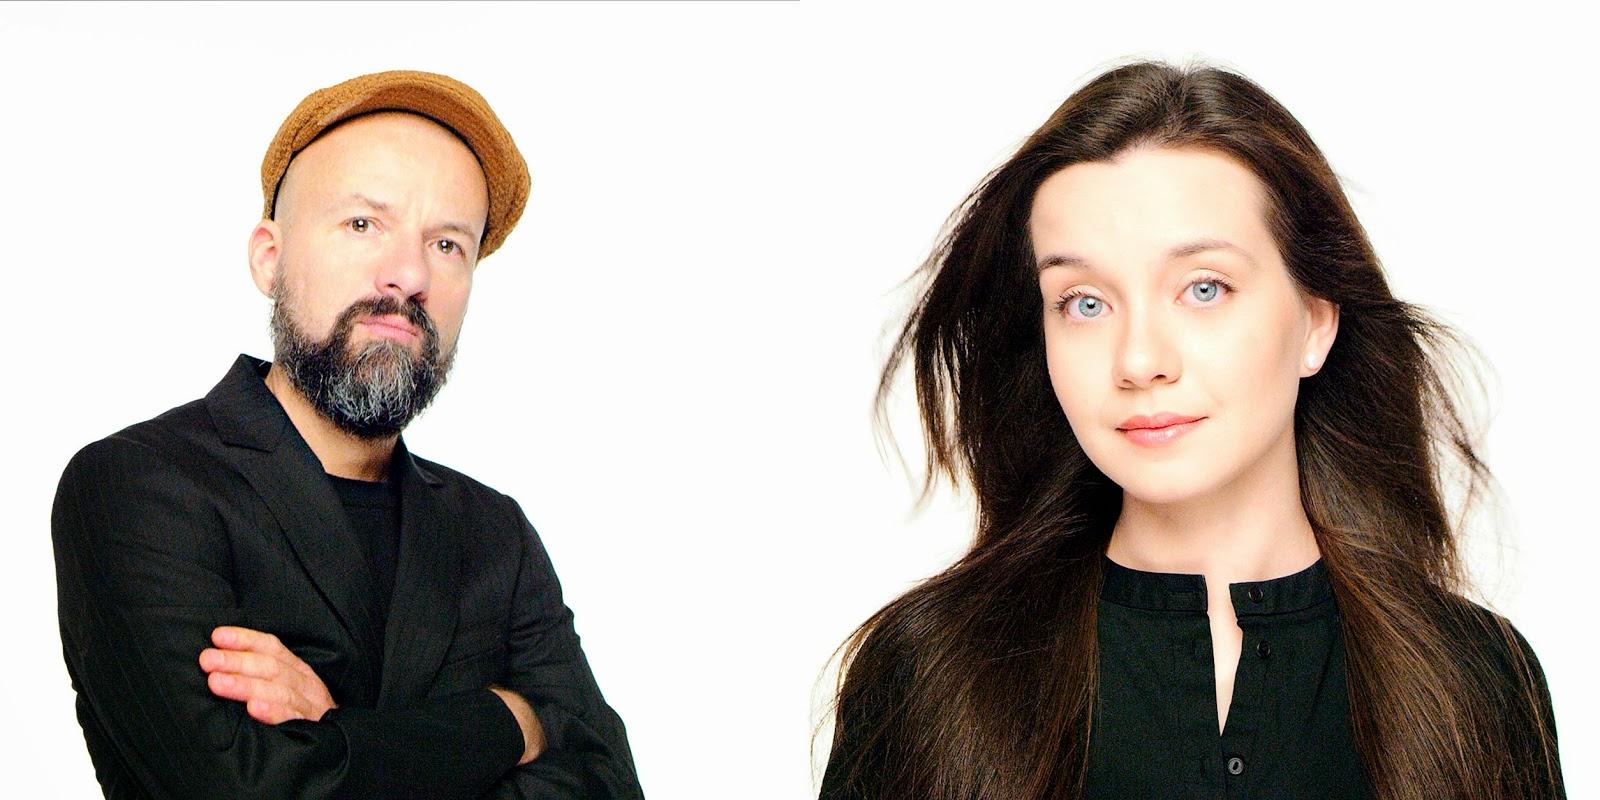 """Η Αρετή Κετιμέ και o Shantel μας παρουσιάζουν το νέο τους τραγούδι: """"Δύση και Ανατολή"""""""